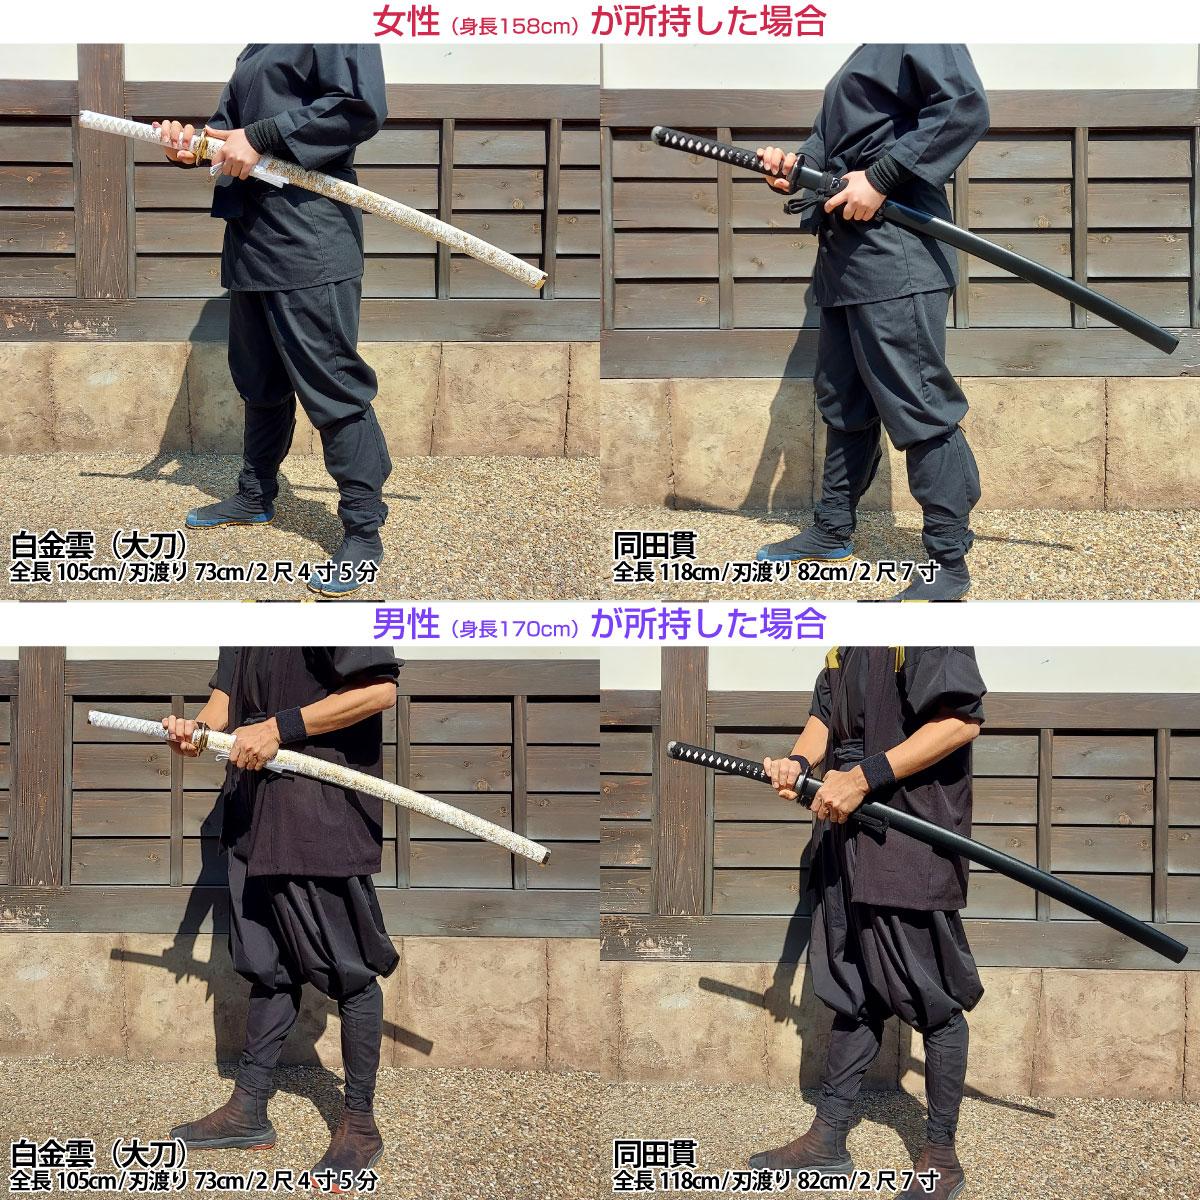 高級居合刀 名刀伝 腰刻黒漆研出鮫打刀拵 「歌仙兼定」 (刀袋付き) 模擬刀剣証明書付き